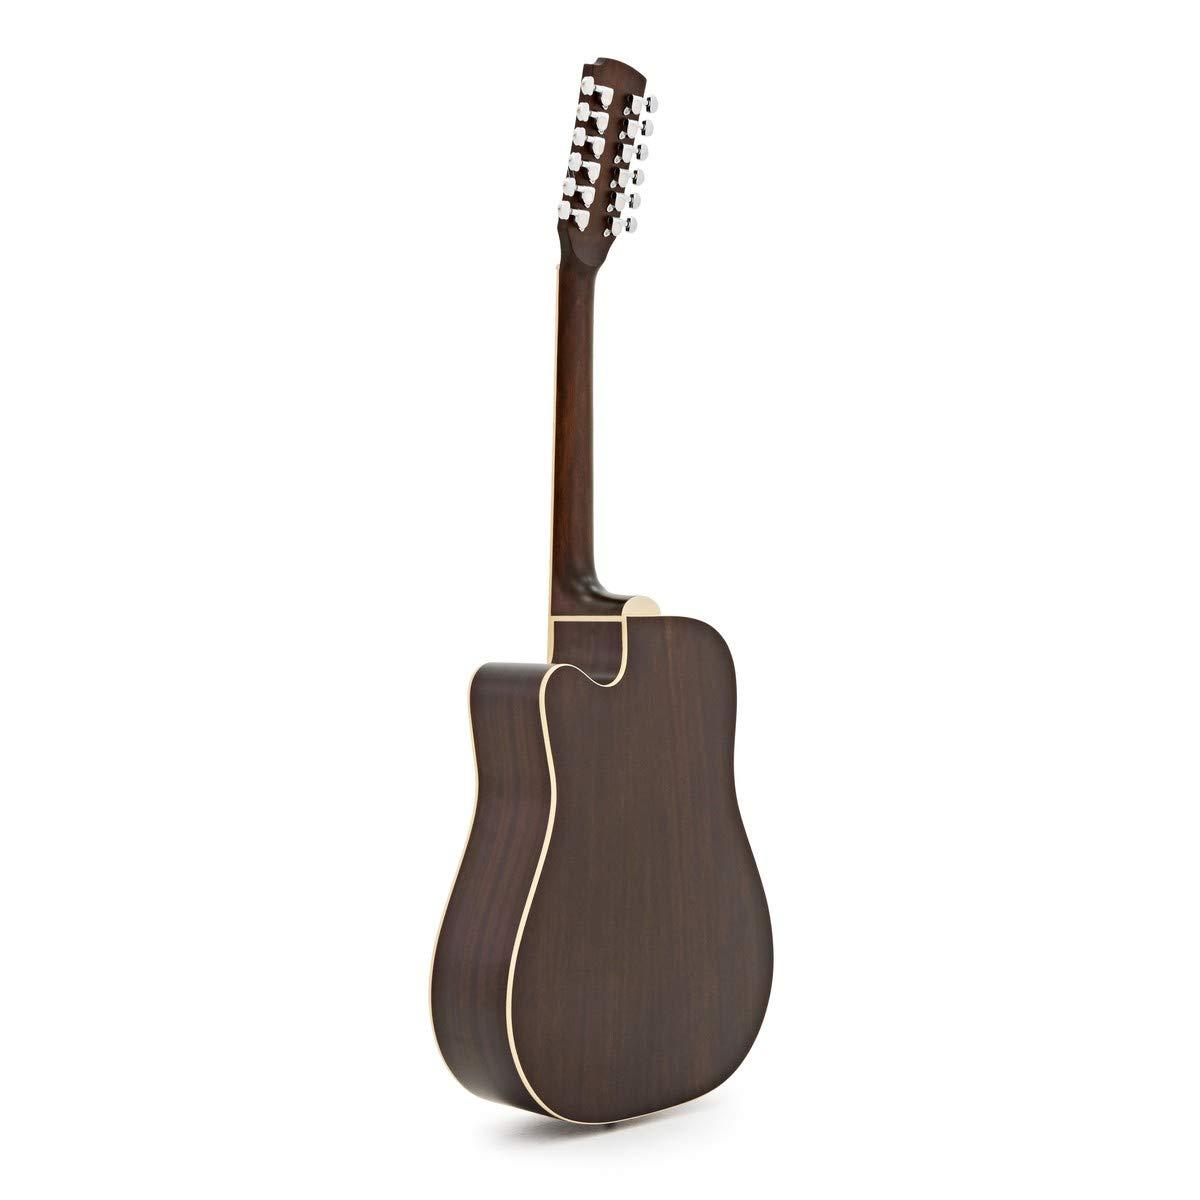 Guitarra Electro-Ac/ústica Hartwood Villanelle de 12 cuerdas